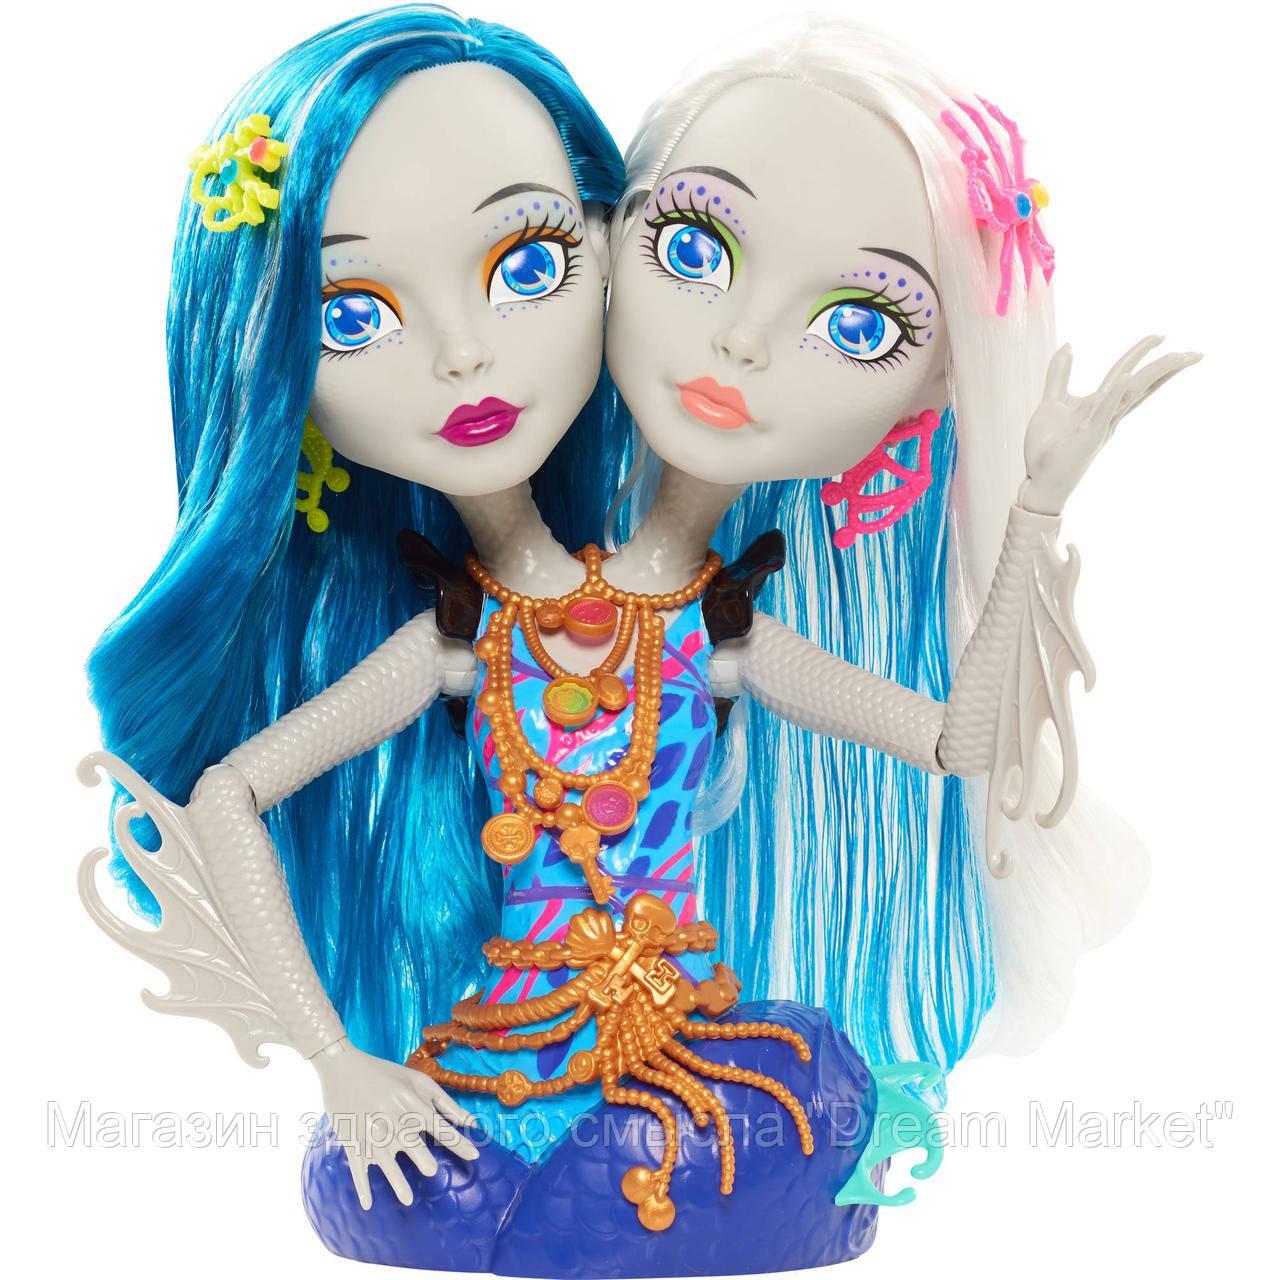 Кукольный игровой набор Монстер Хай Monster High Голова манекен Пери и перл для причёсок